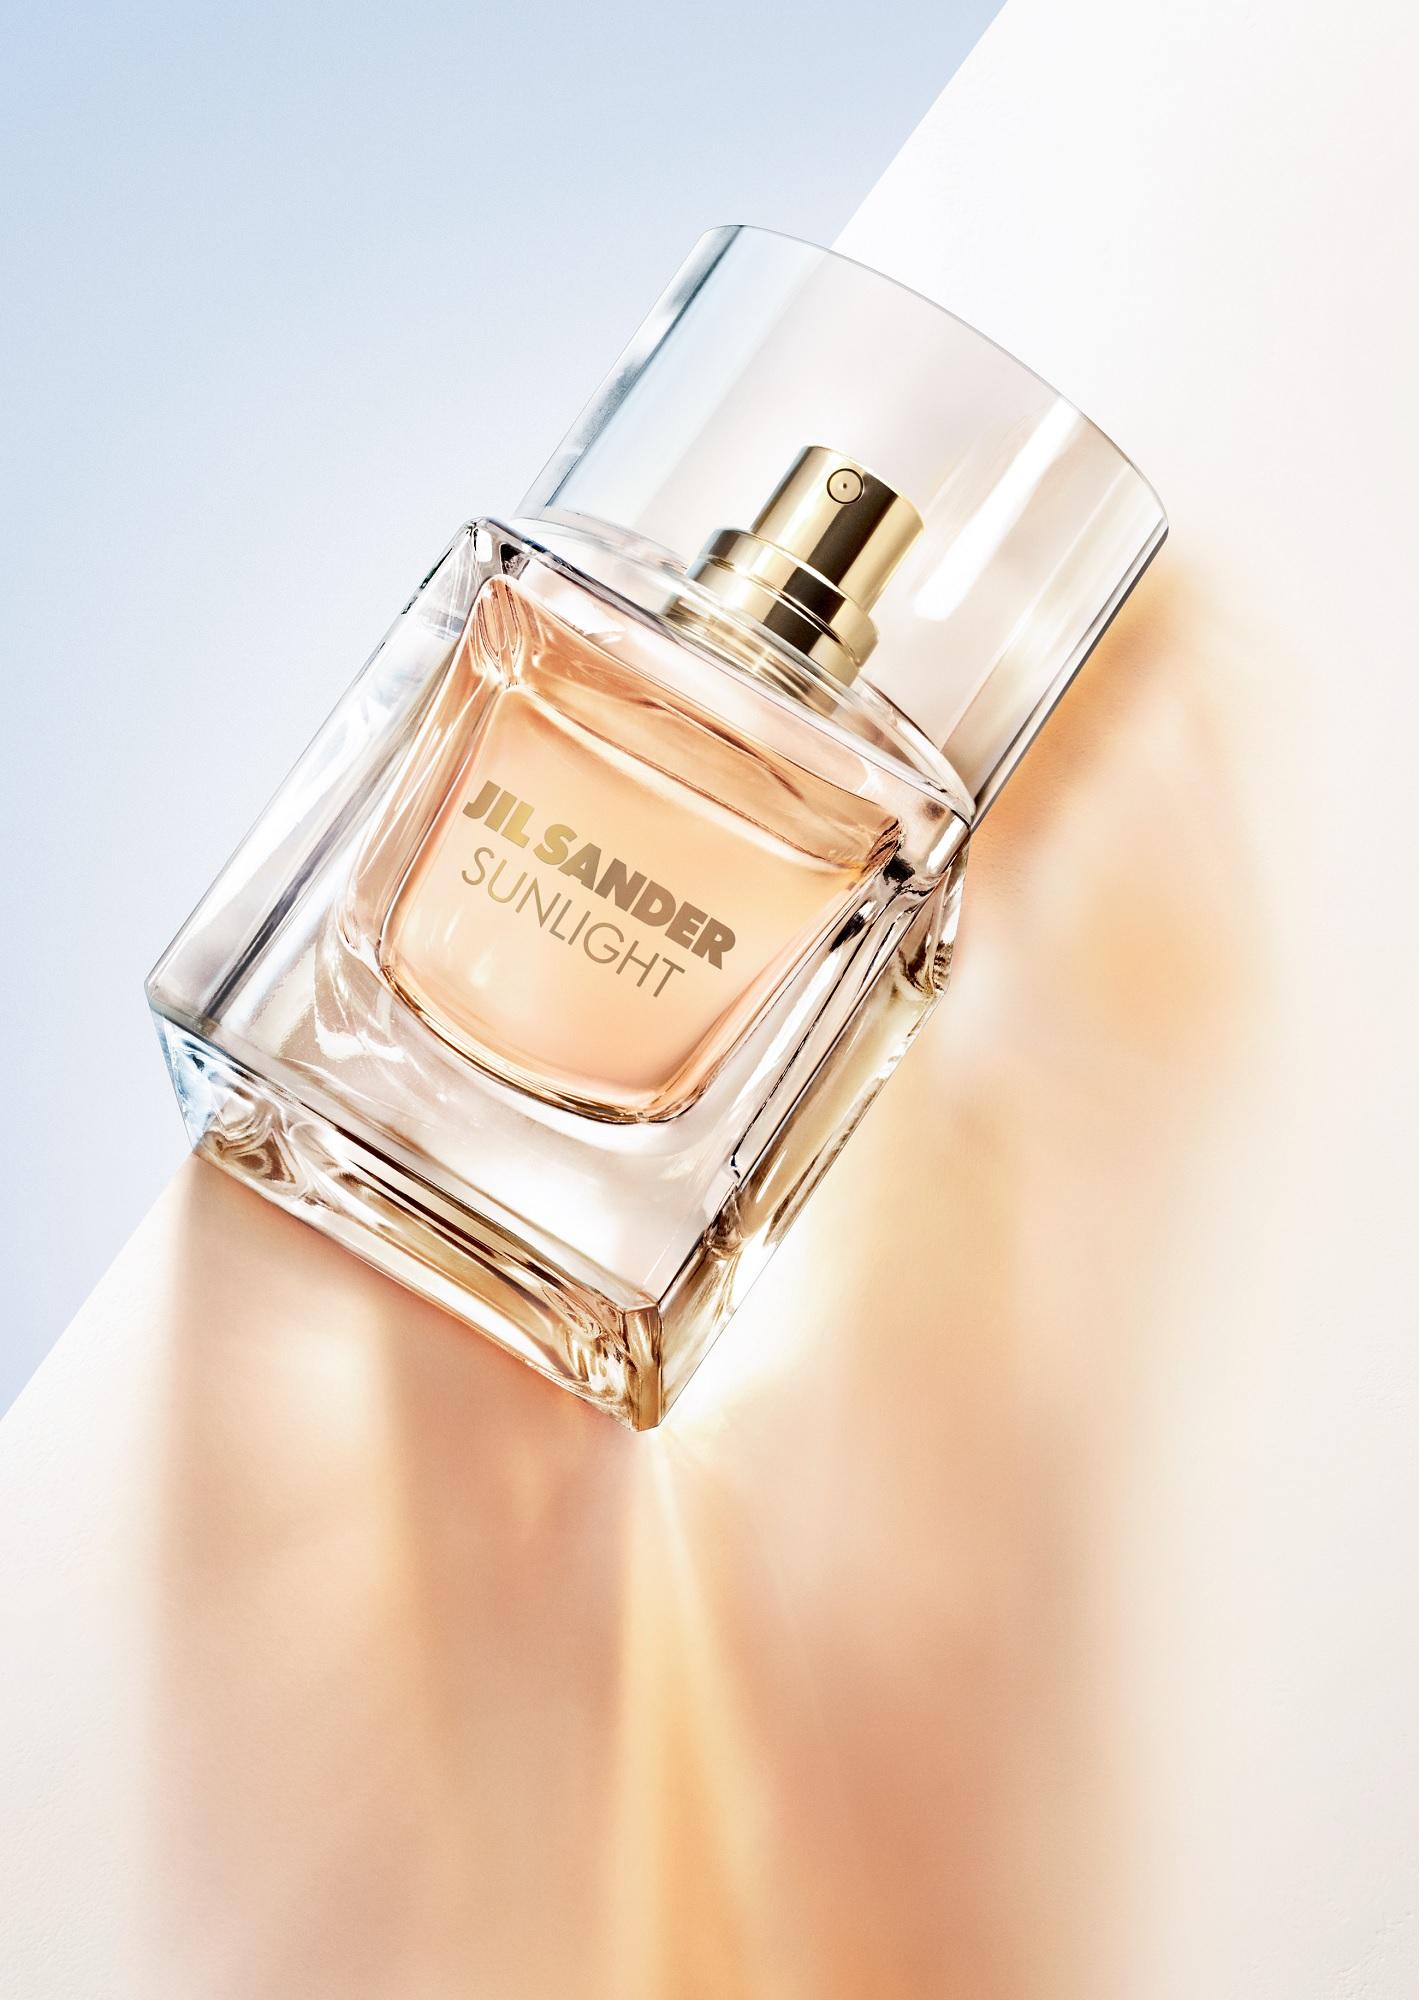 sunlight jil sander parfum un nouveau parfum pour femme 2018. Black Bedroom Furniture Sets. Home Design Ideas